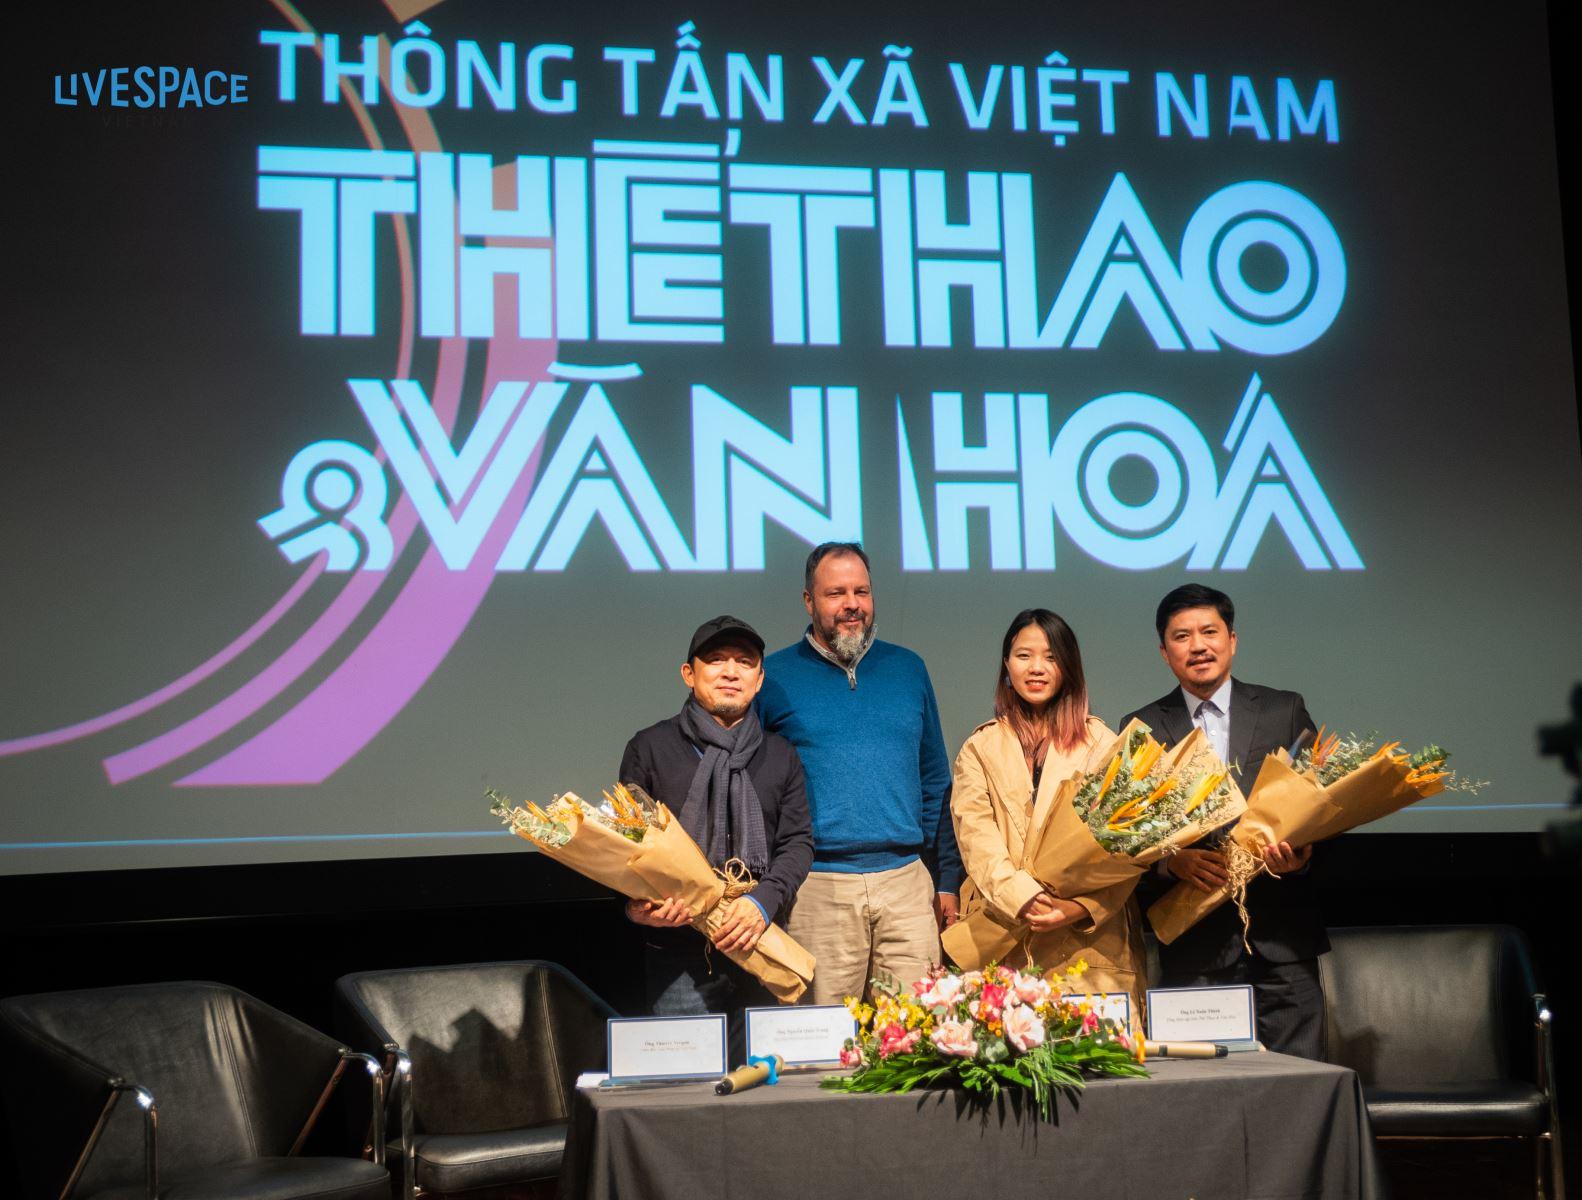 Ban tổ chức dự án: ông Thierry Vergon (áo xanh), nhạc sĩ Quốc Trung, đại diện hãng phát hành nhạc số Believe